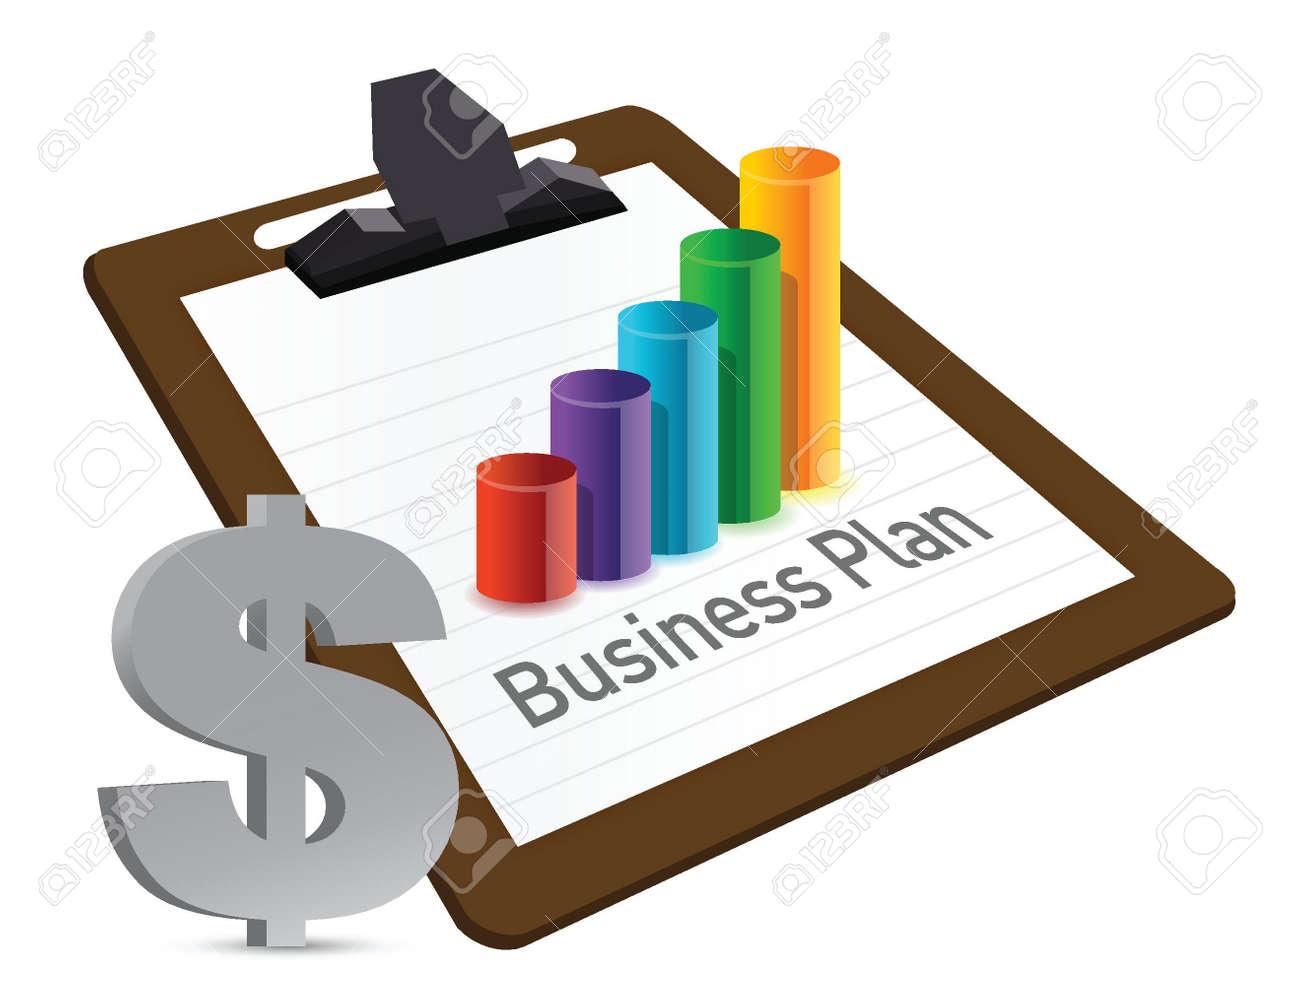 ビジネス プラン グラフと通貨イラスト デザイン ロイヤリティフリー